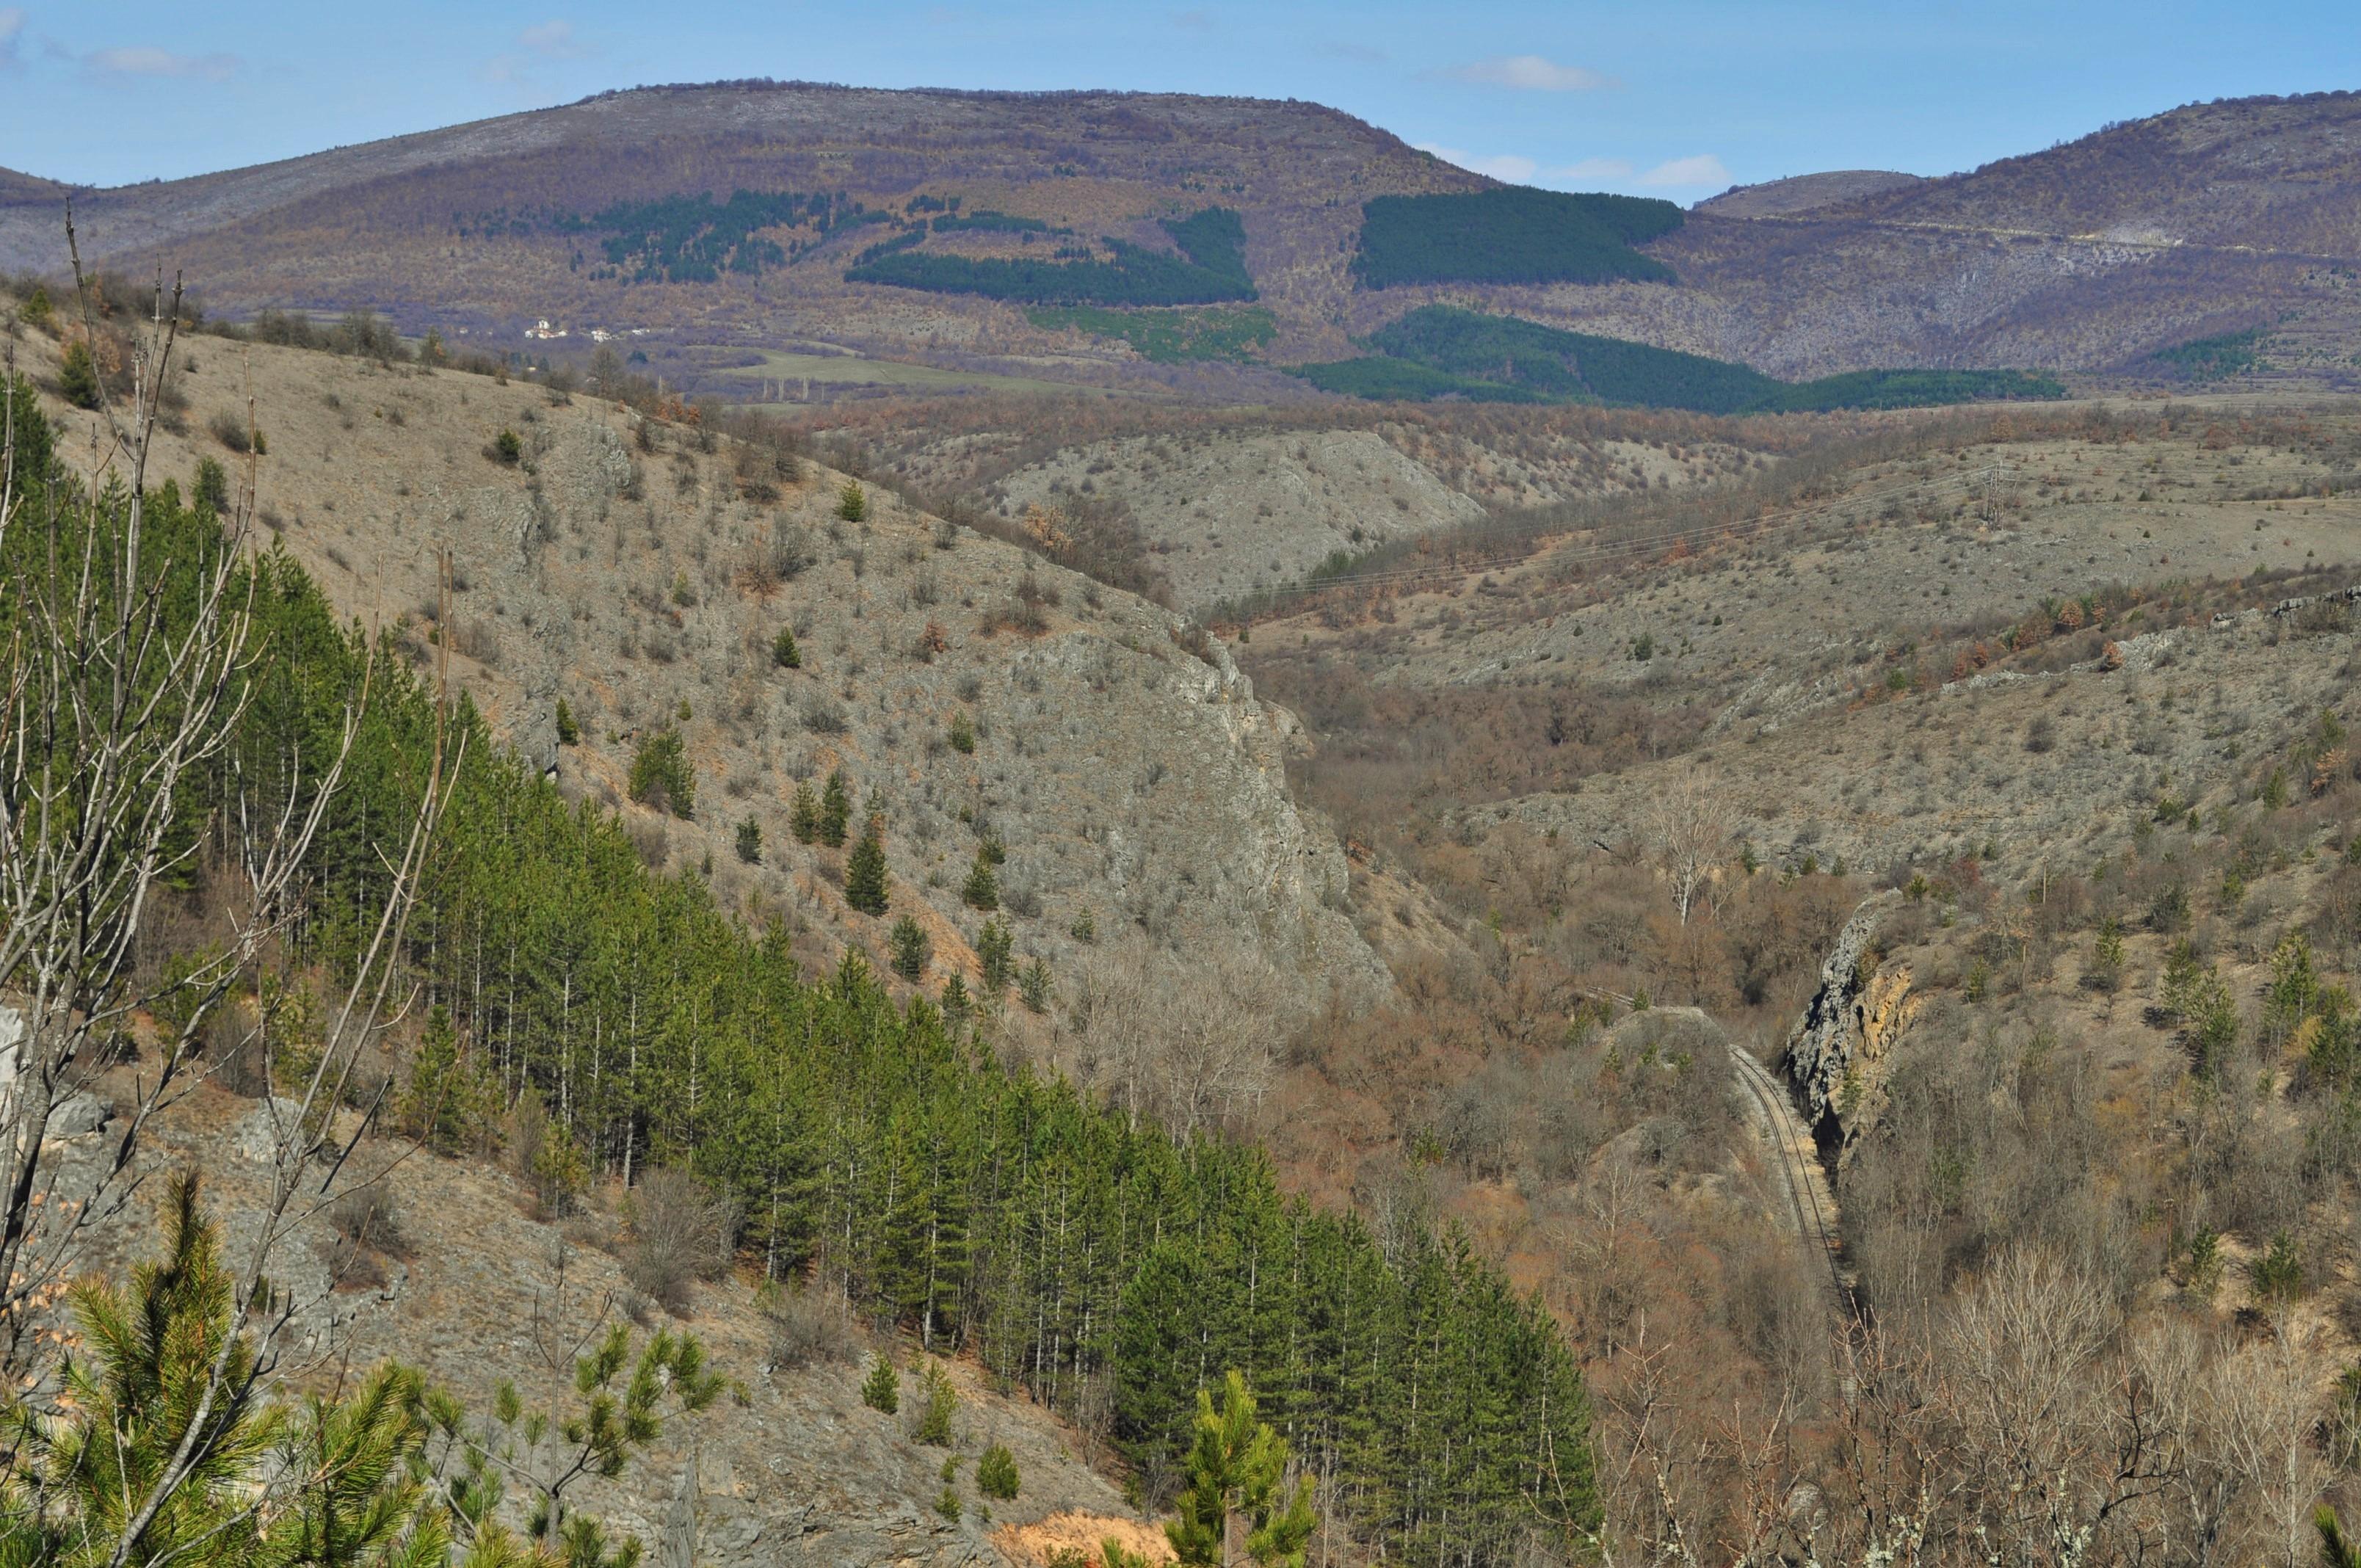 Мястото е радост за сетивата. Окото се рее свободно над заоблените била на Стара планина, в чийто нозе си провира път реката, забързана към съседна Сърбия.